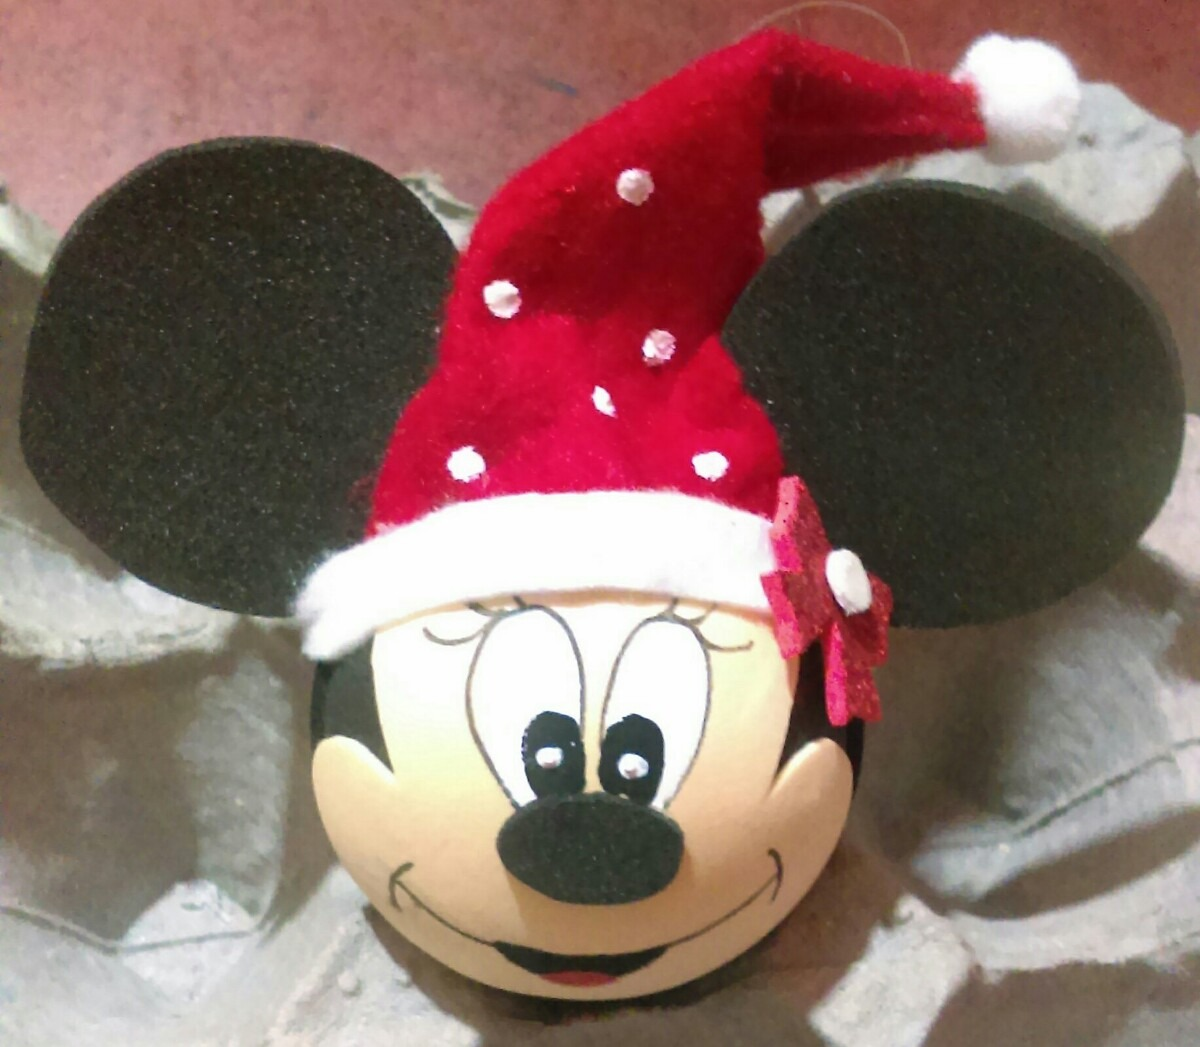 Adornos navide os esferas mickey mouse y mimi en for Adornos navidenos mickey mouse